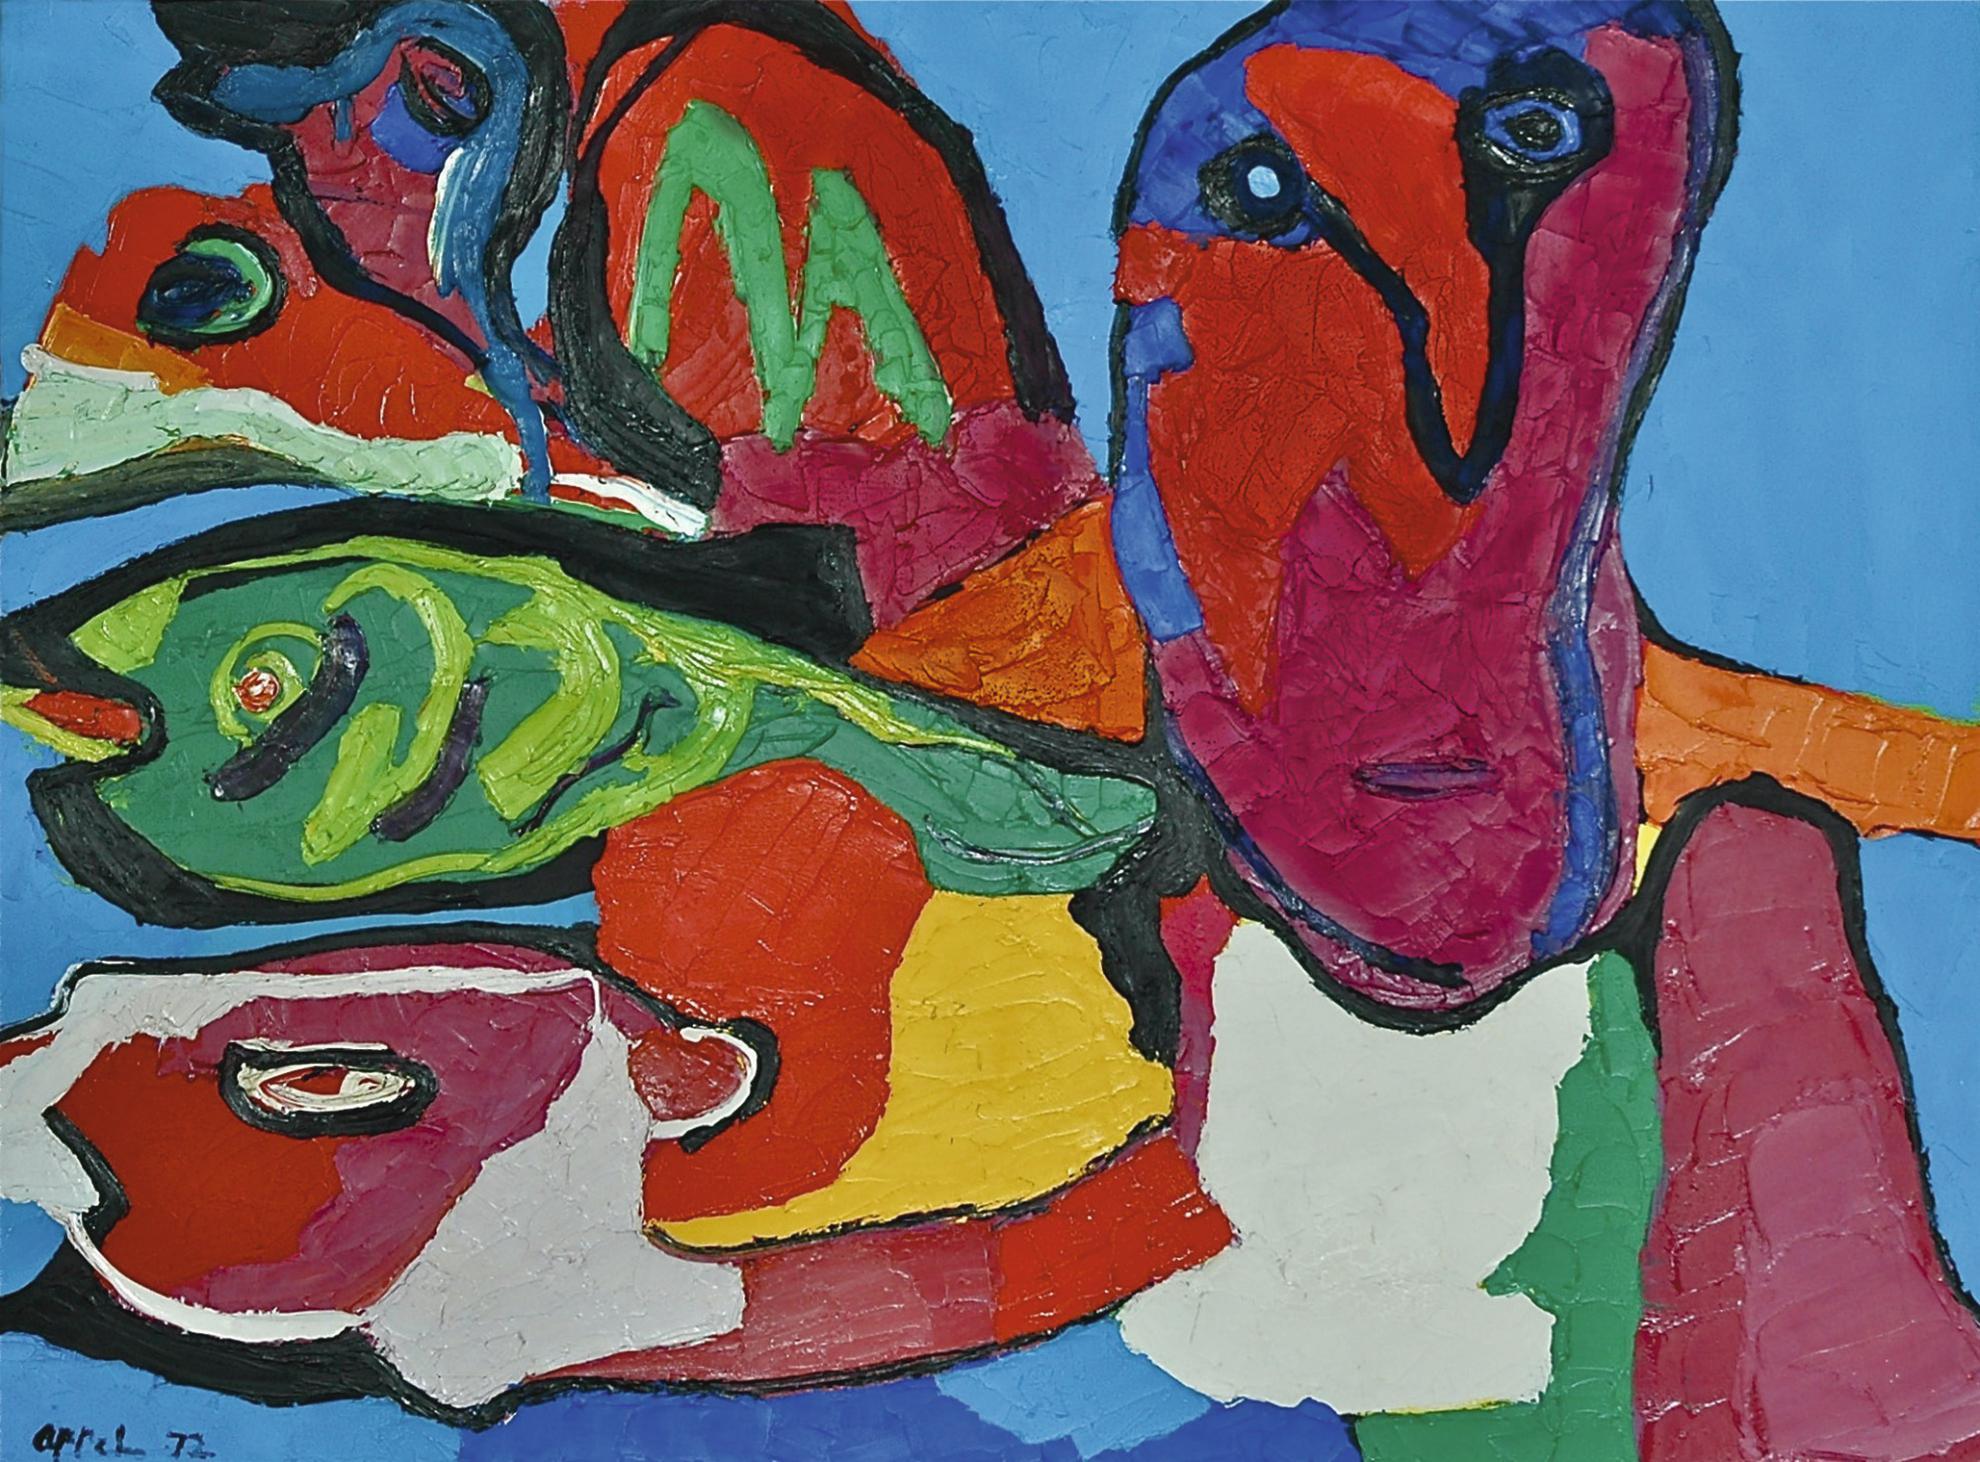 Karel Appel-Untitled-1972